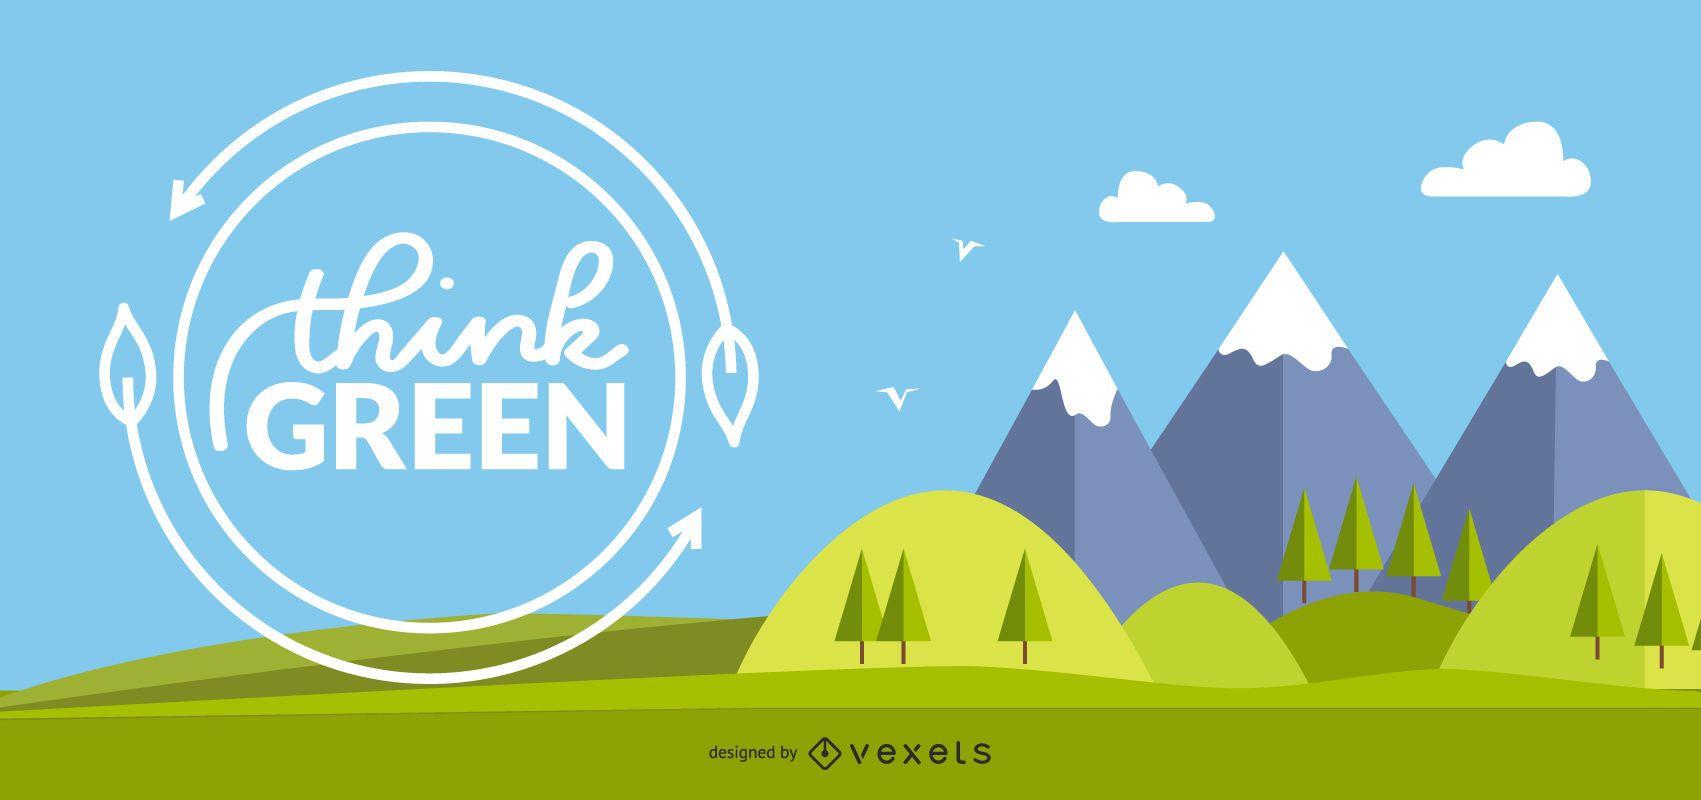 Think Green Background Design